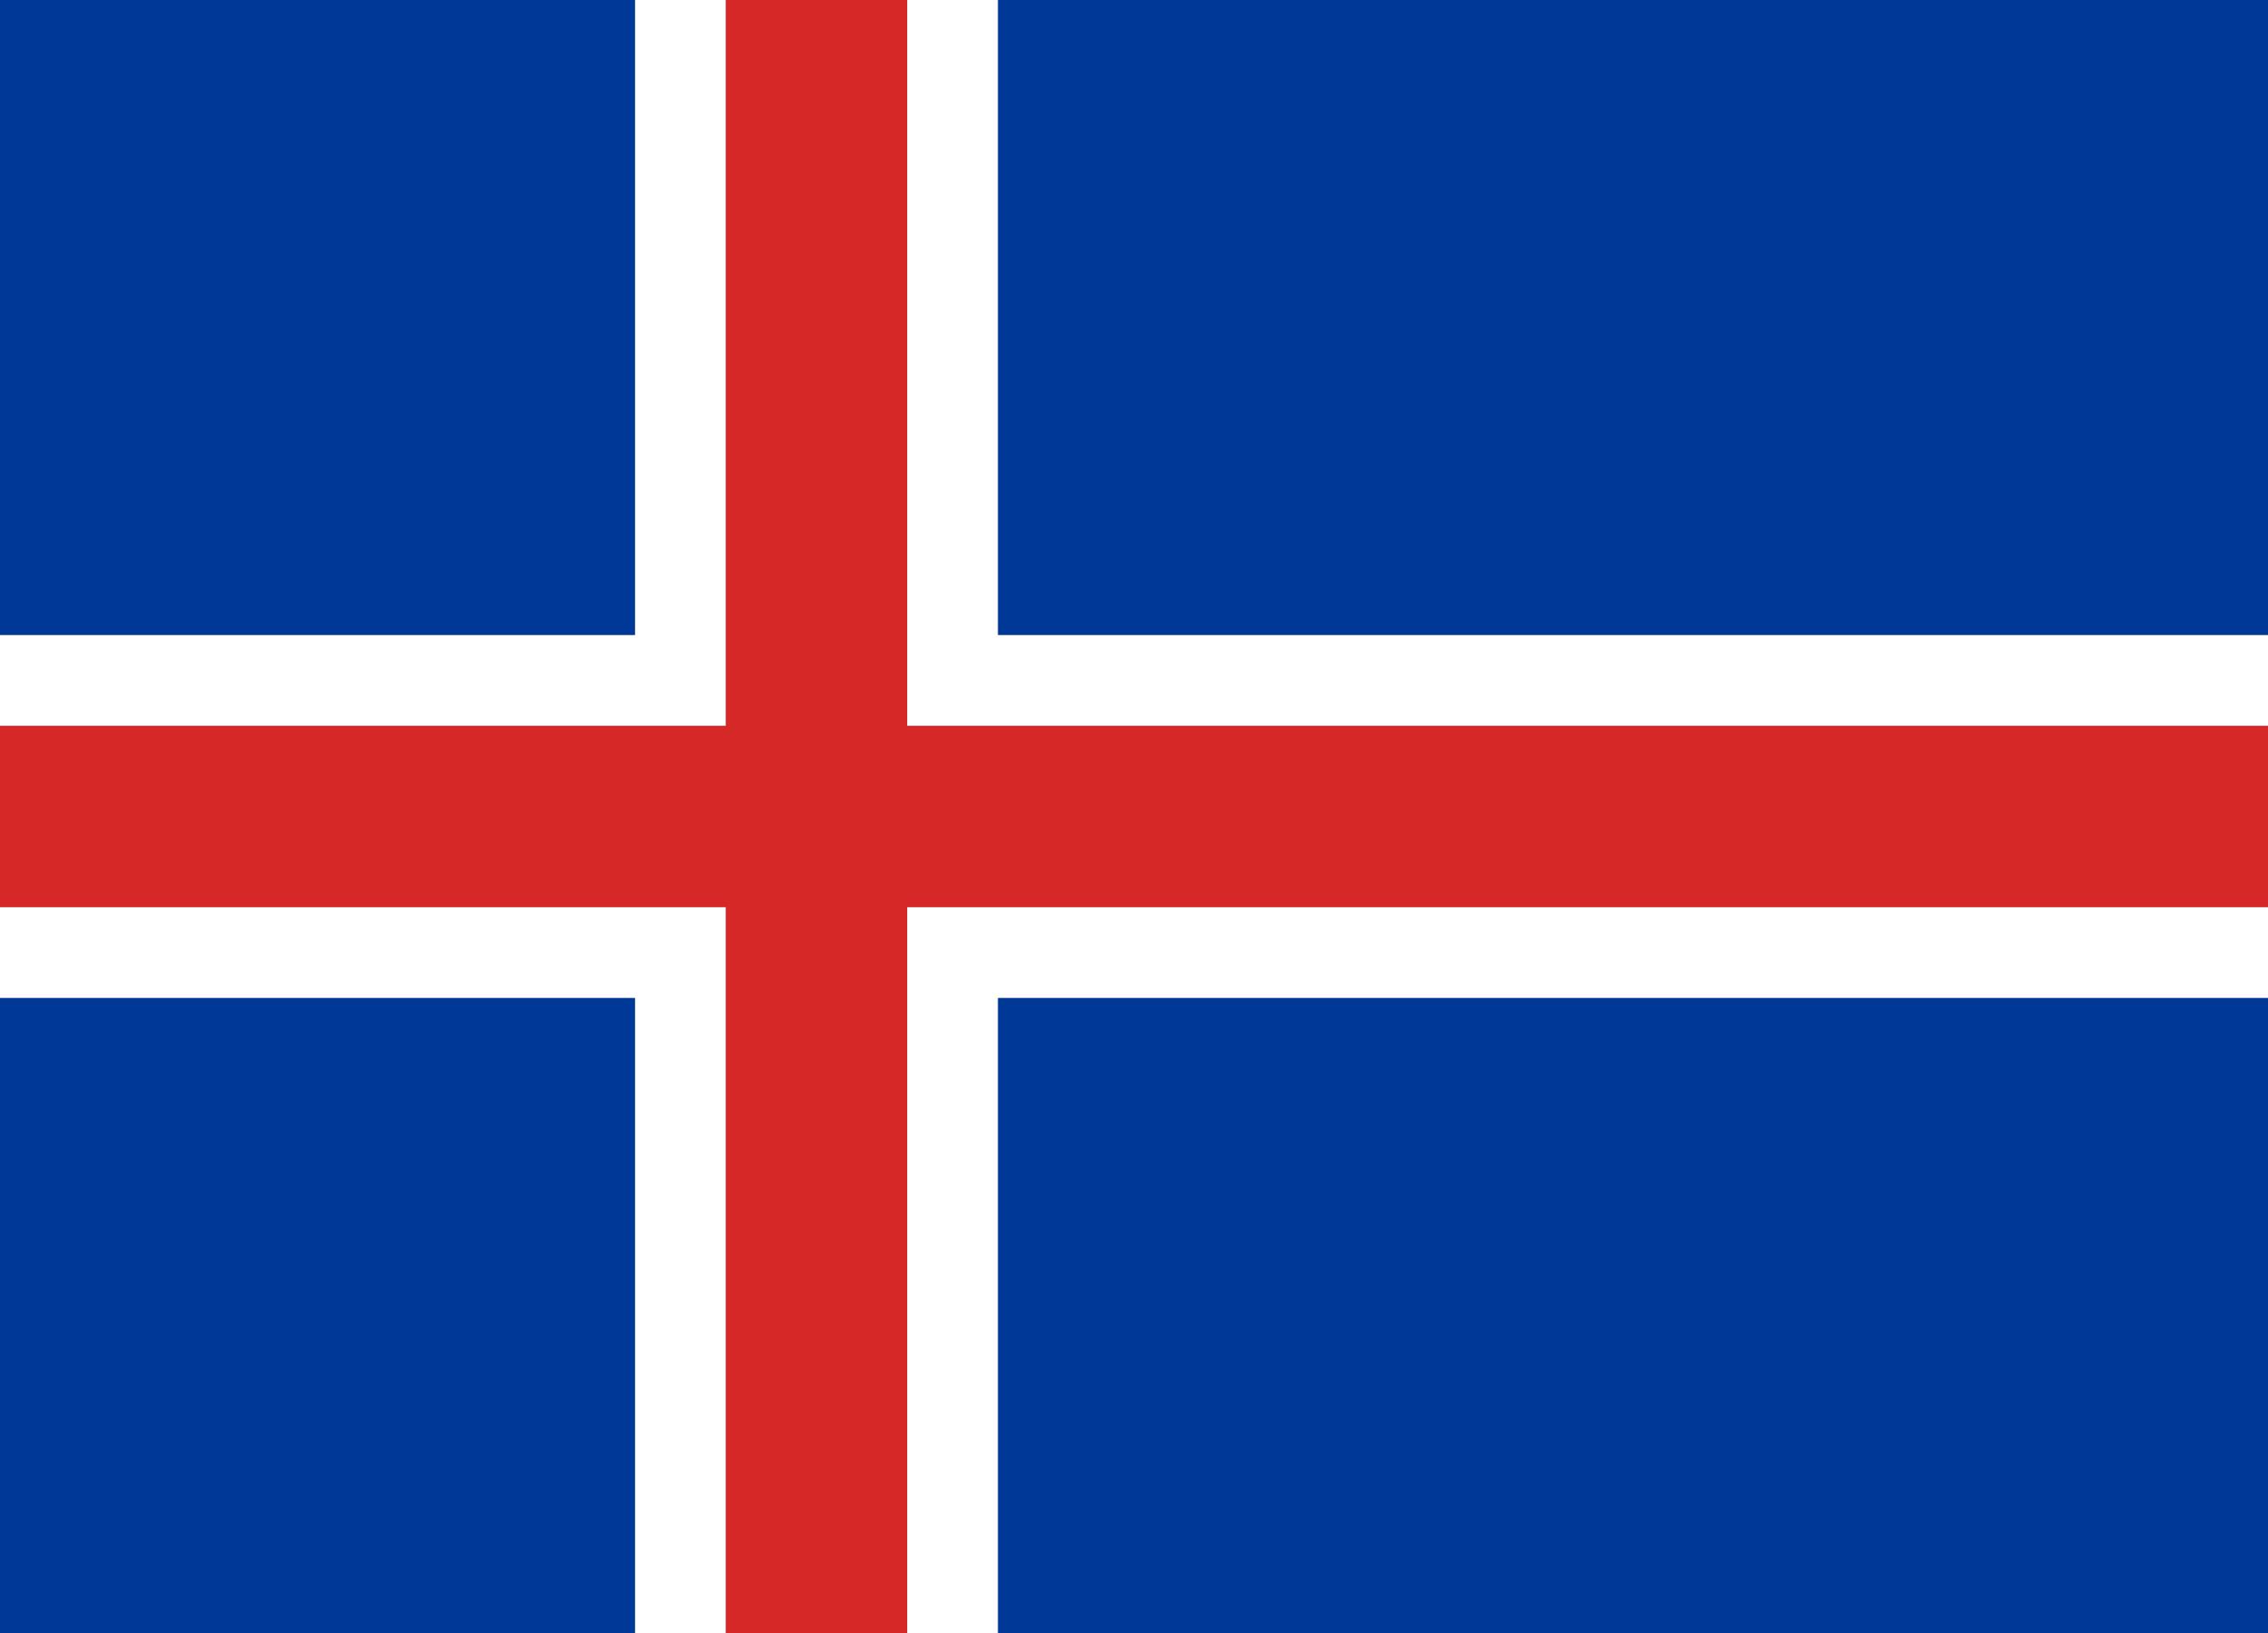 Islândia, país, Brasão de armas, logotipo, símbolo - Papéis de parede HD - Professor-falken.com